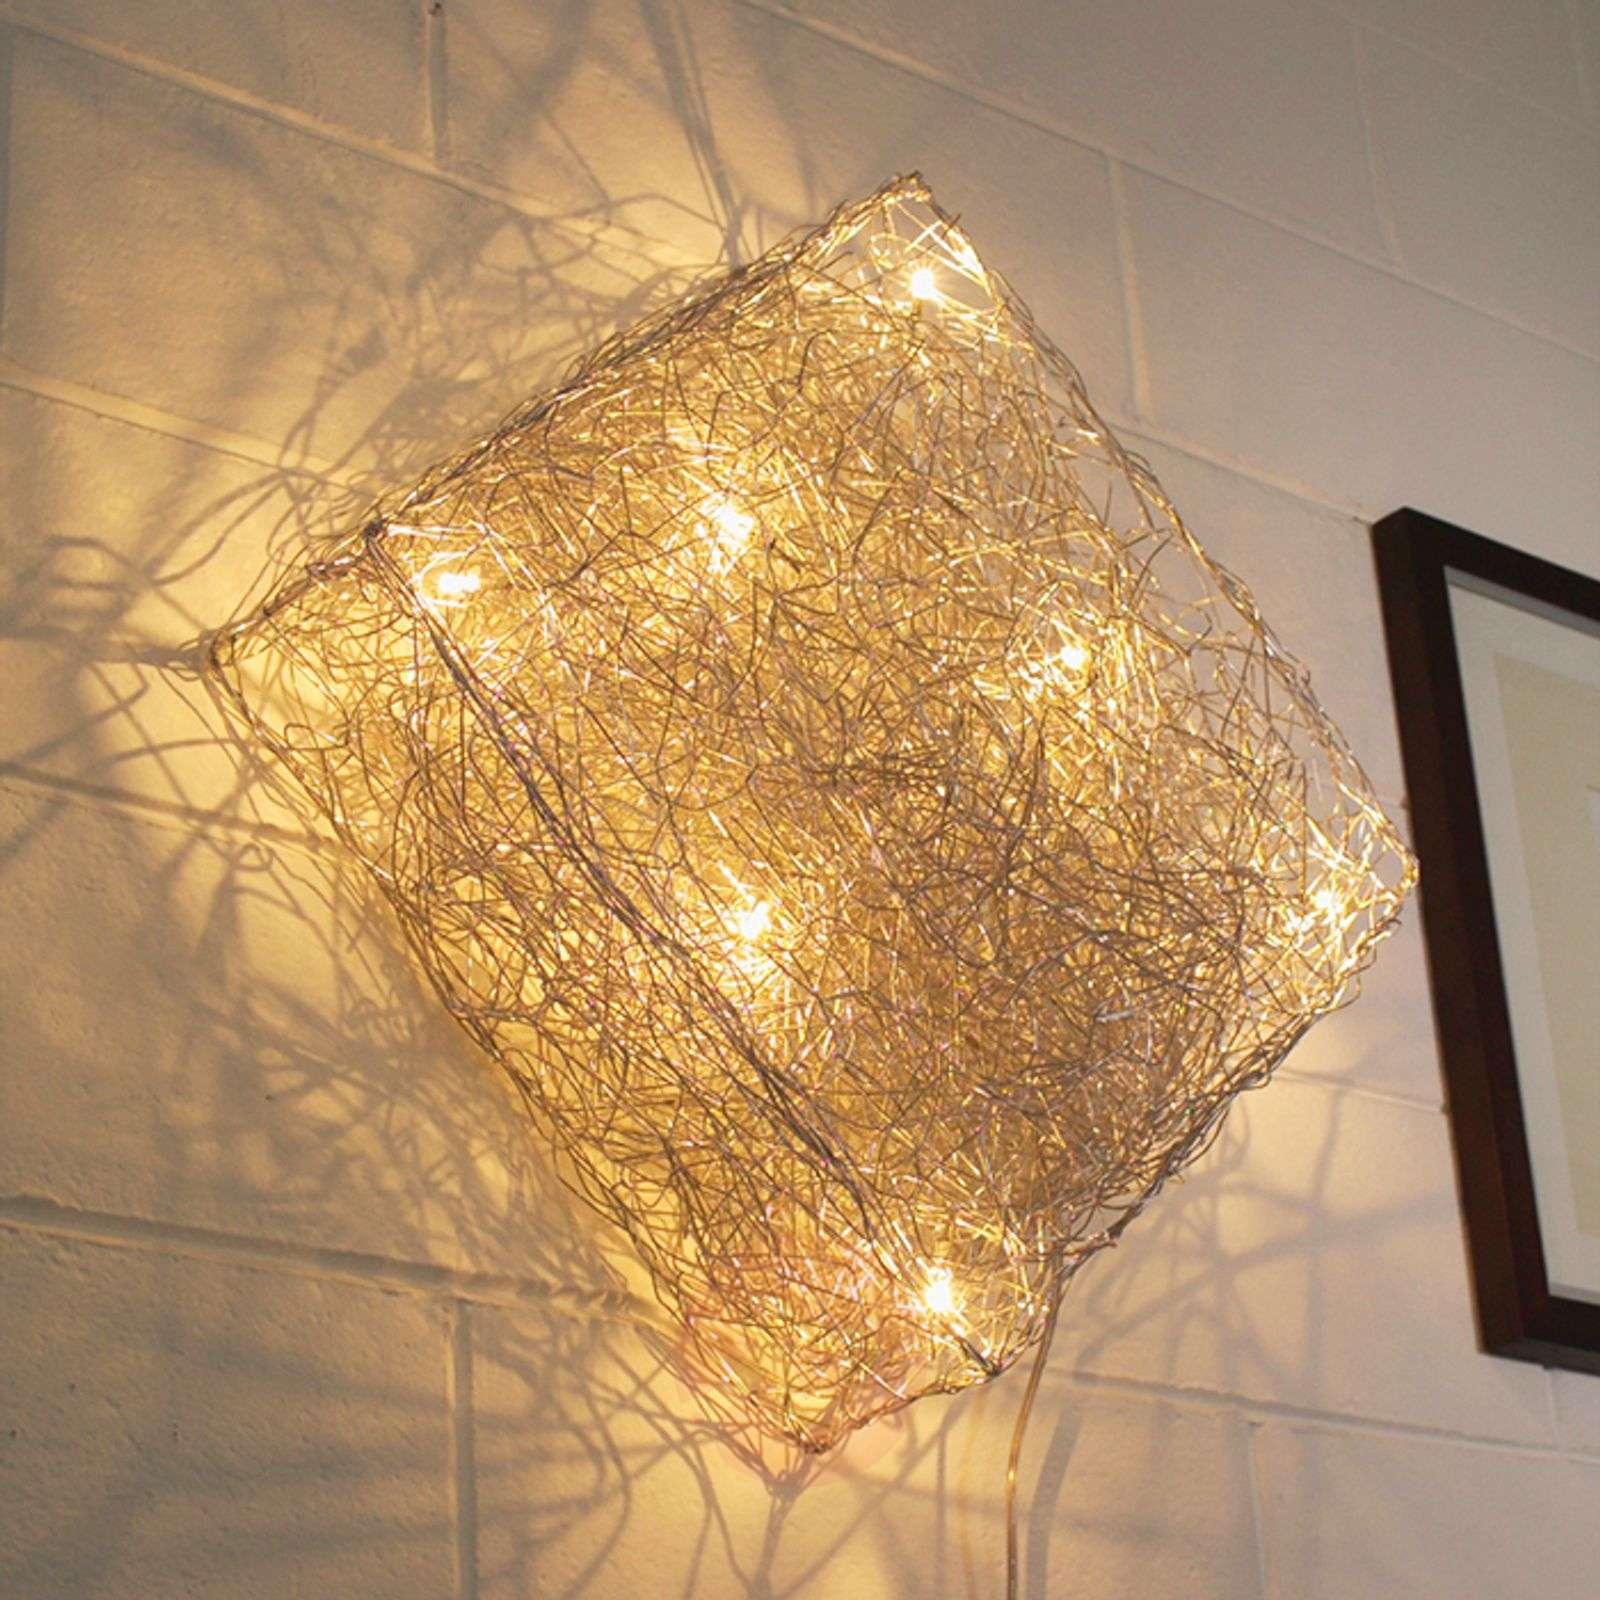 Wall Light Quadro: Square Wall Light Quadro 48 X 48 Cm